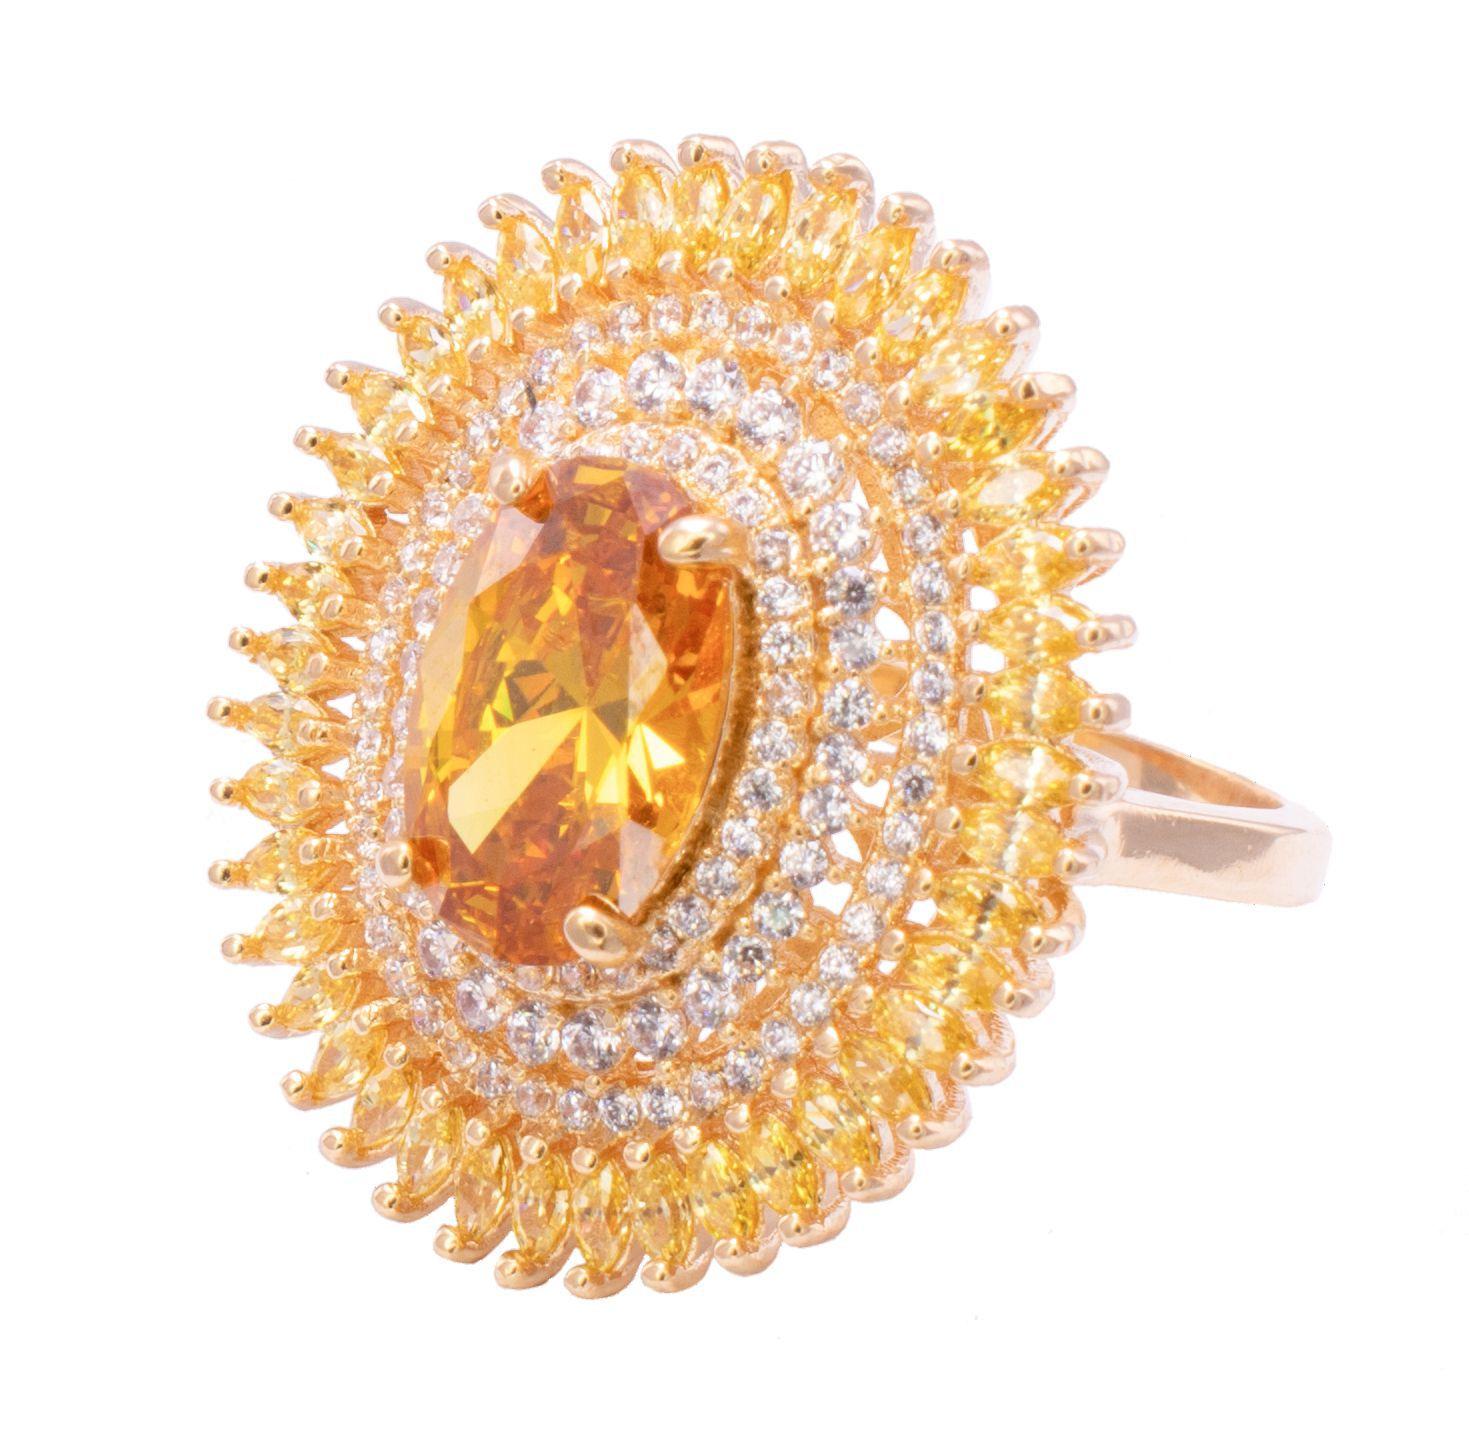 Anel Oval com Cristal Amarelo e Pedra Zircônia Ouro 18k - Giro Semijoias